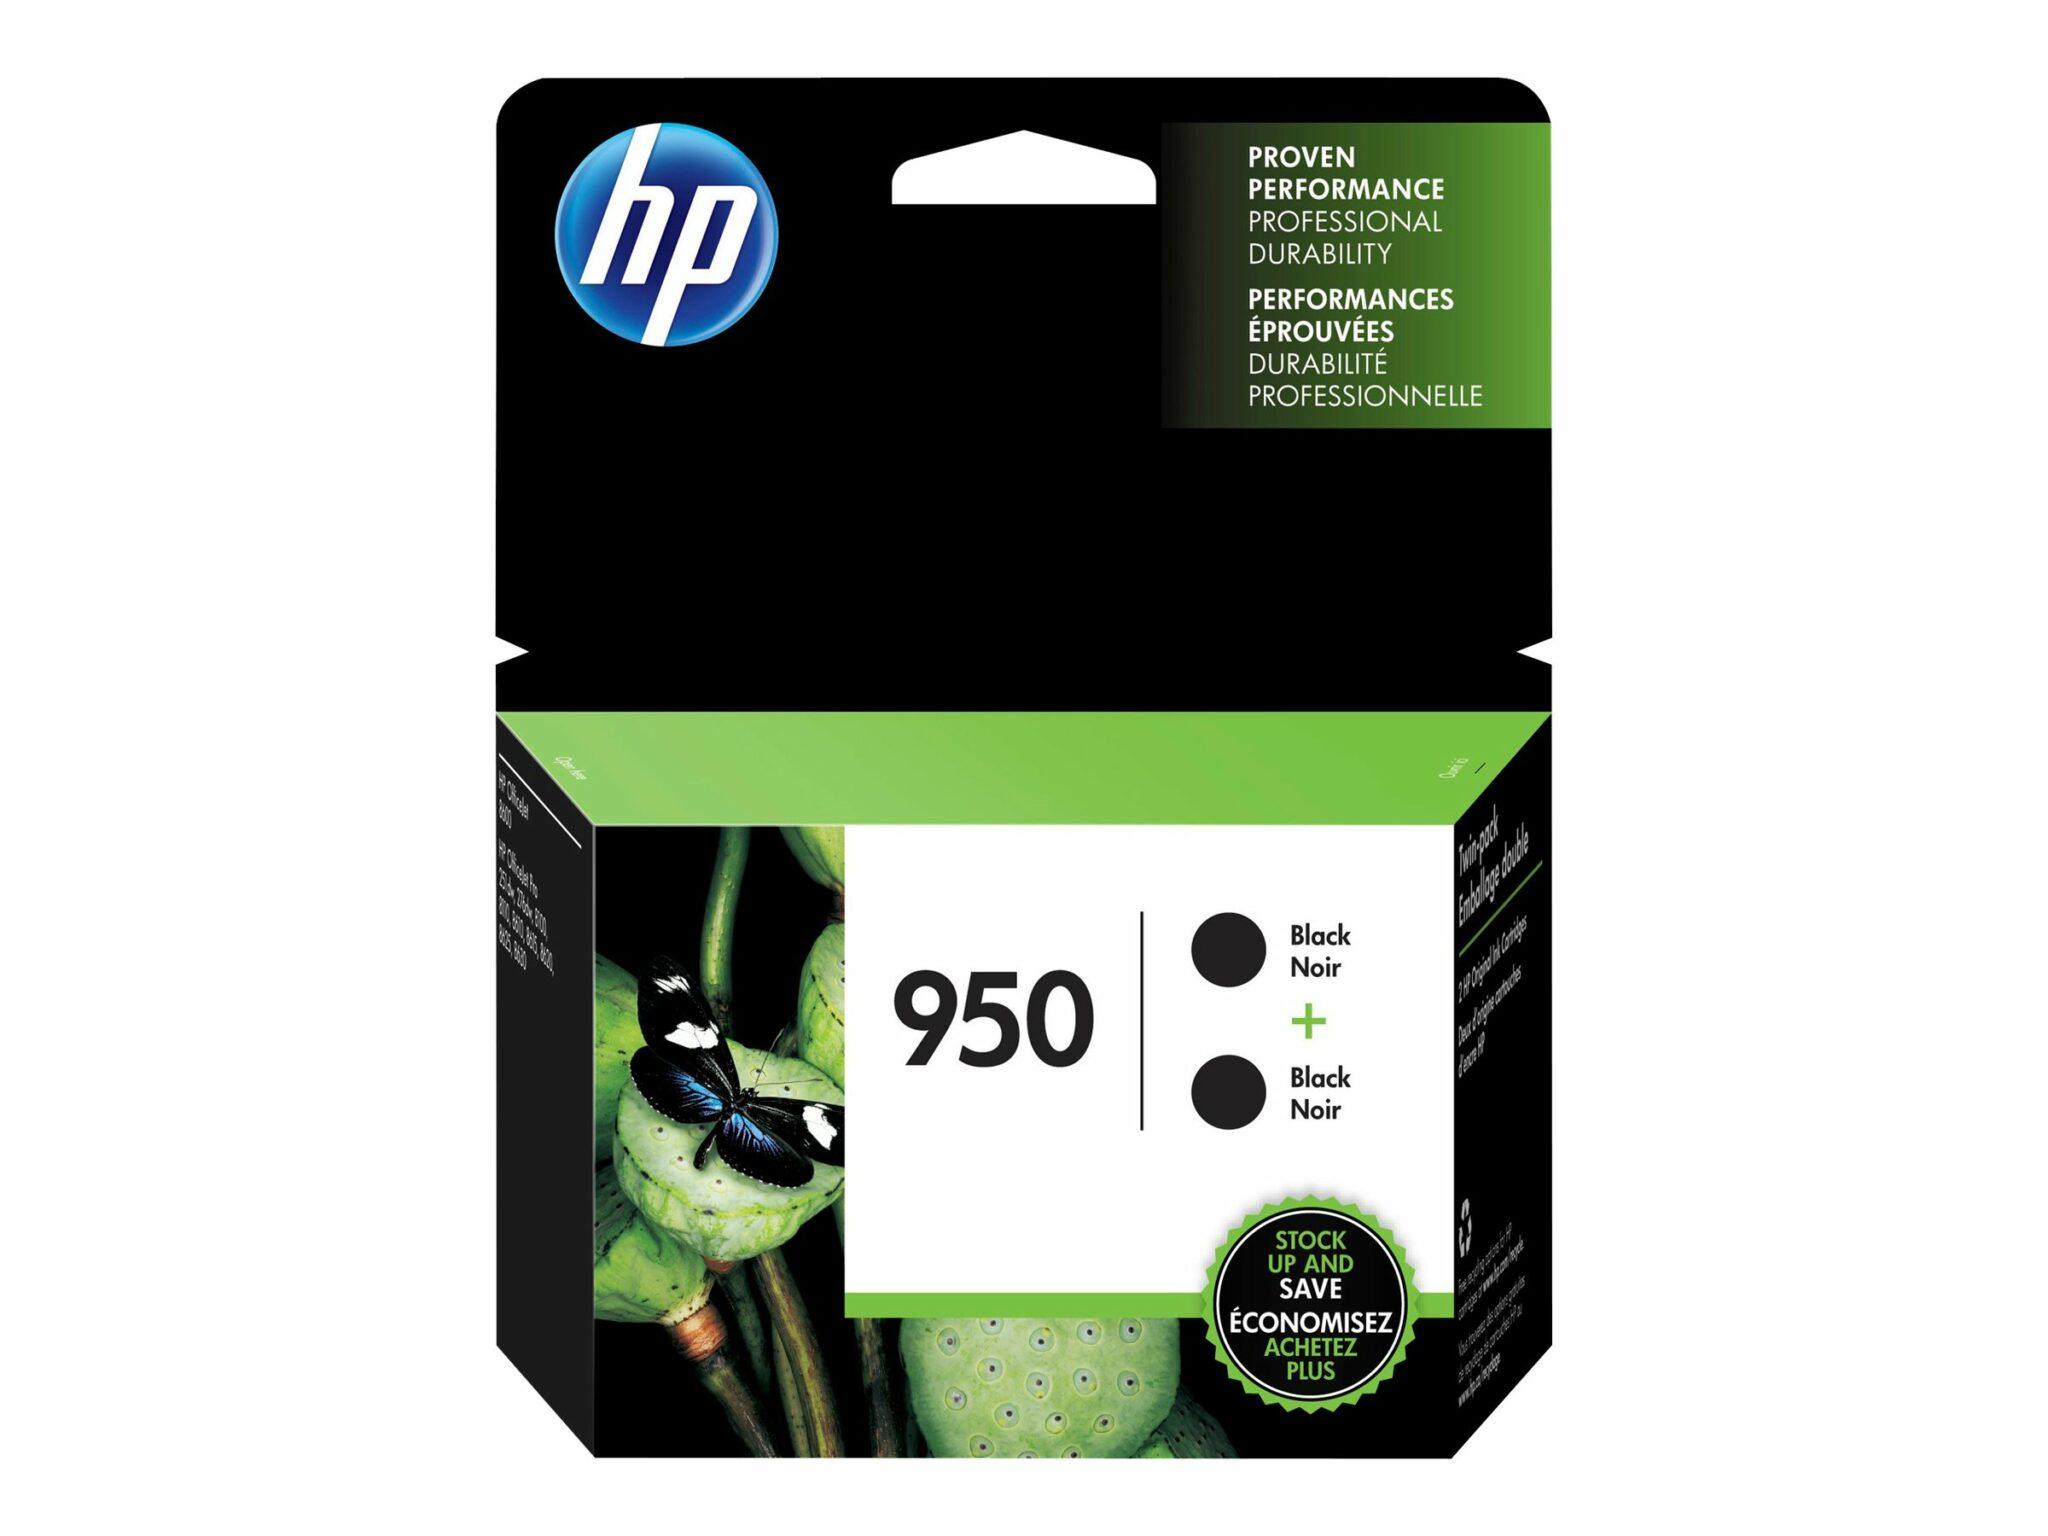 HP 950 Black Ink Cartridge 2-Pack